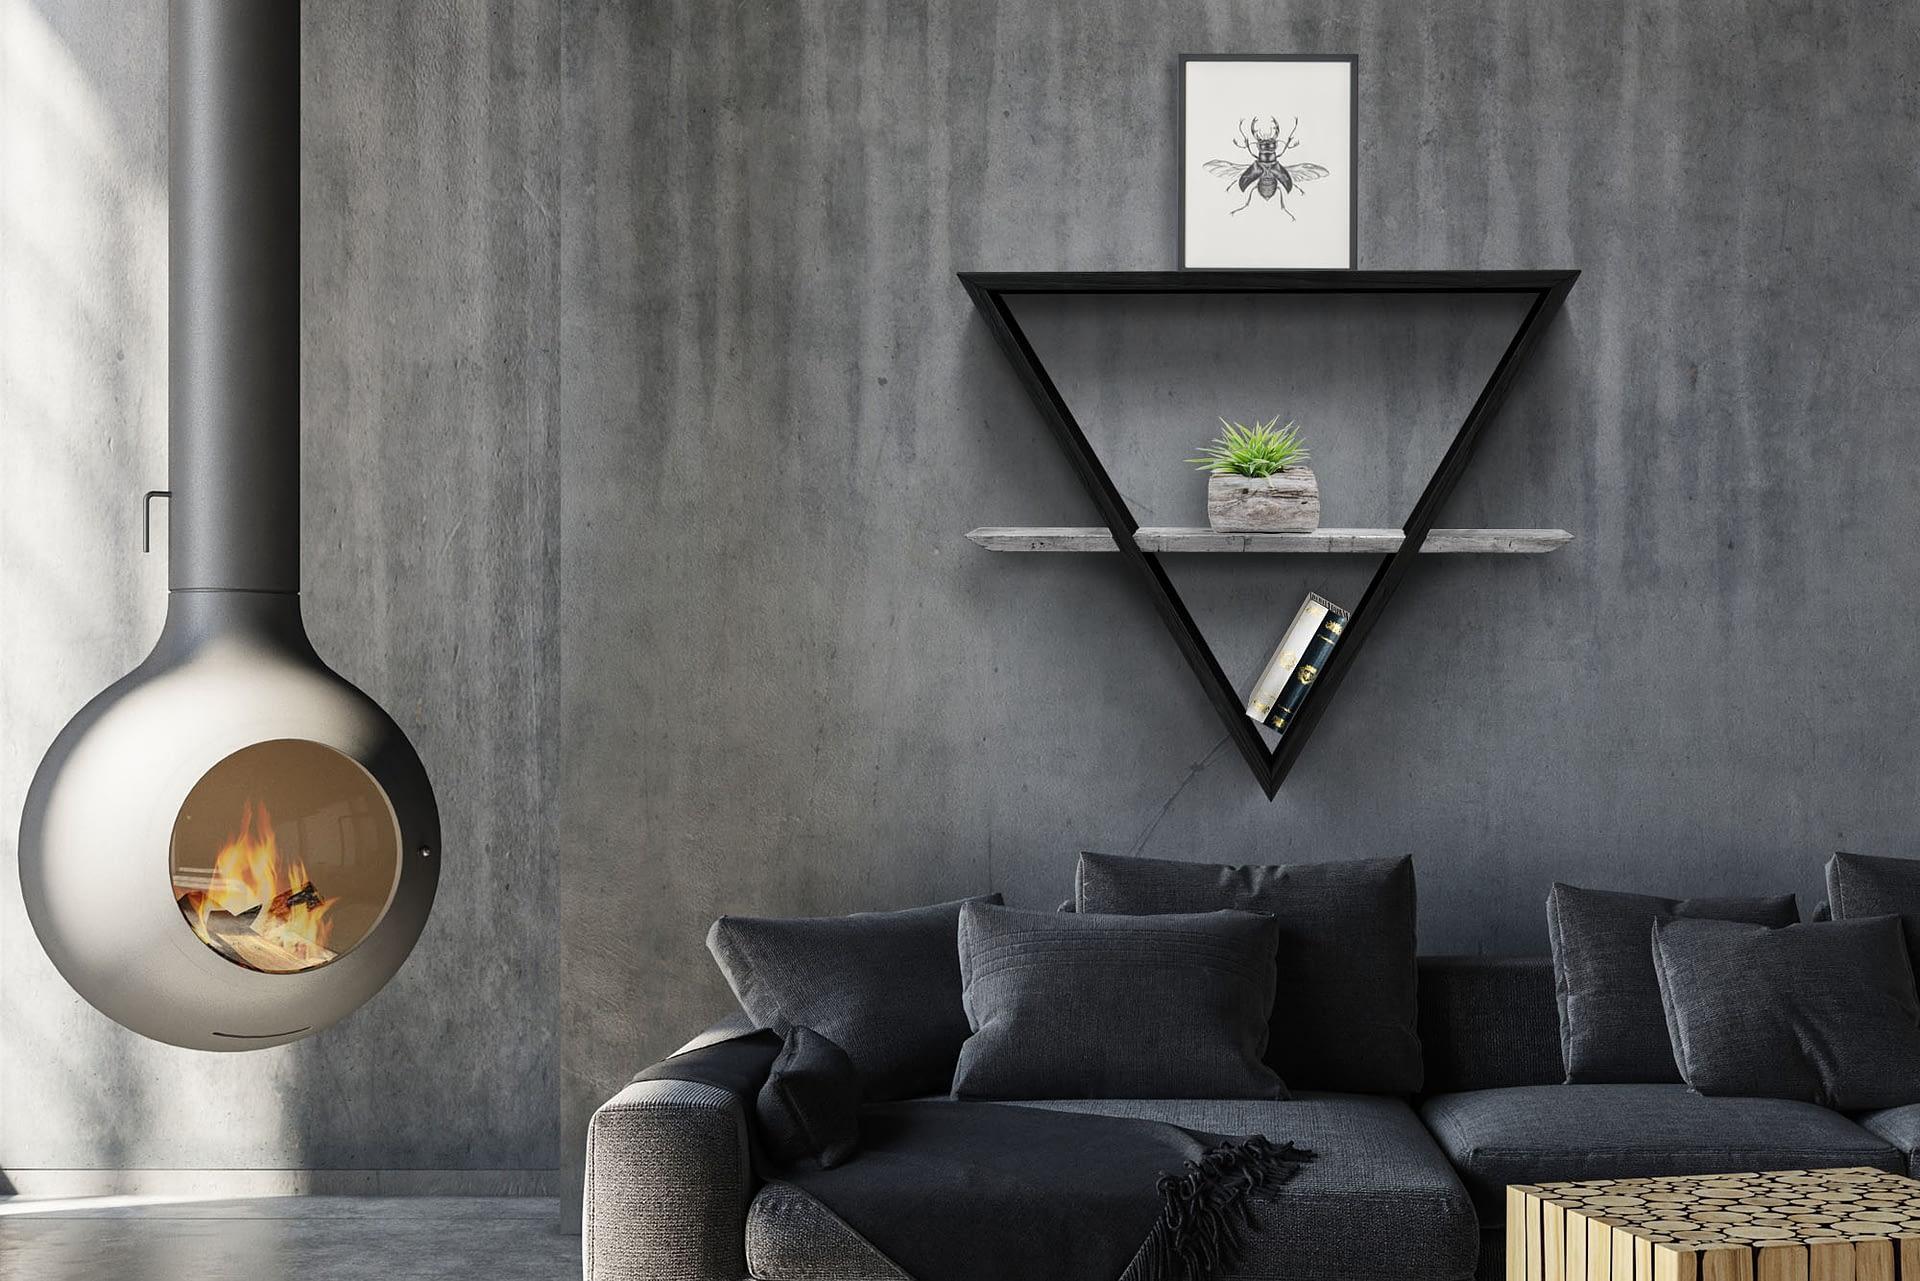 daichi ambiente sala nero foglia argento